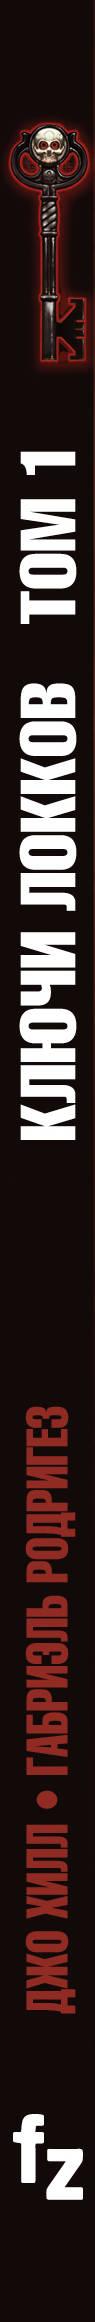 Ключи Локков. Том 1. Добро пожаловать в Лавкрафт «Ключи Локков», написанные Хиллом...